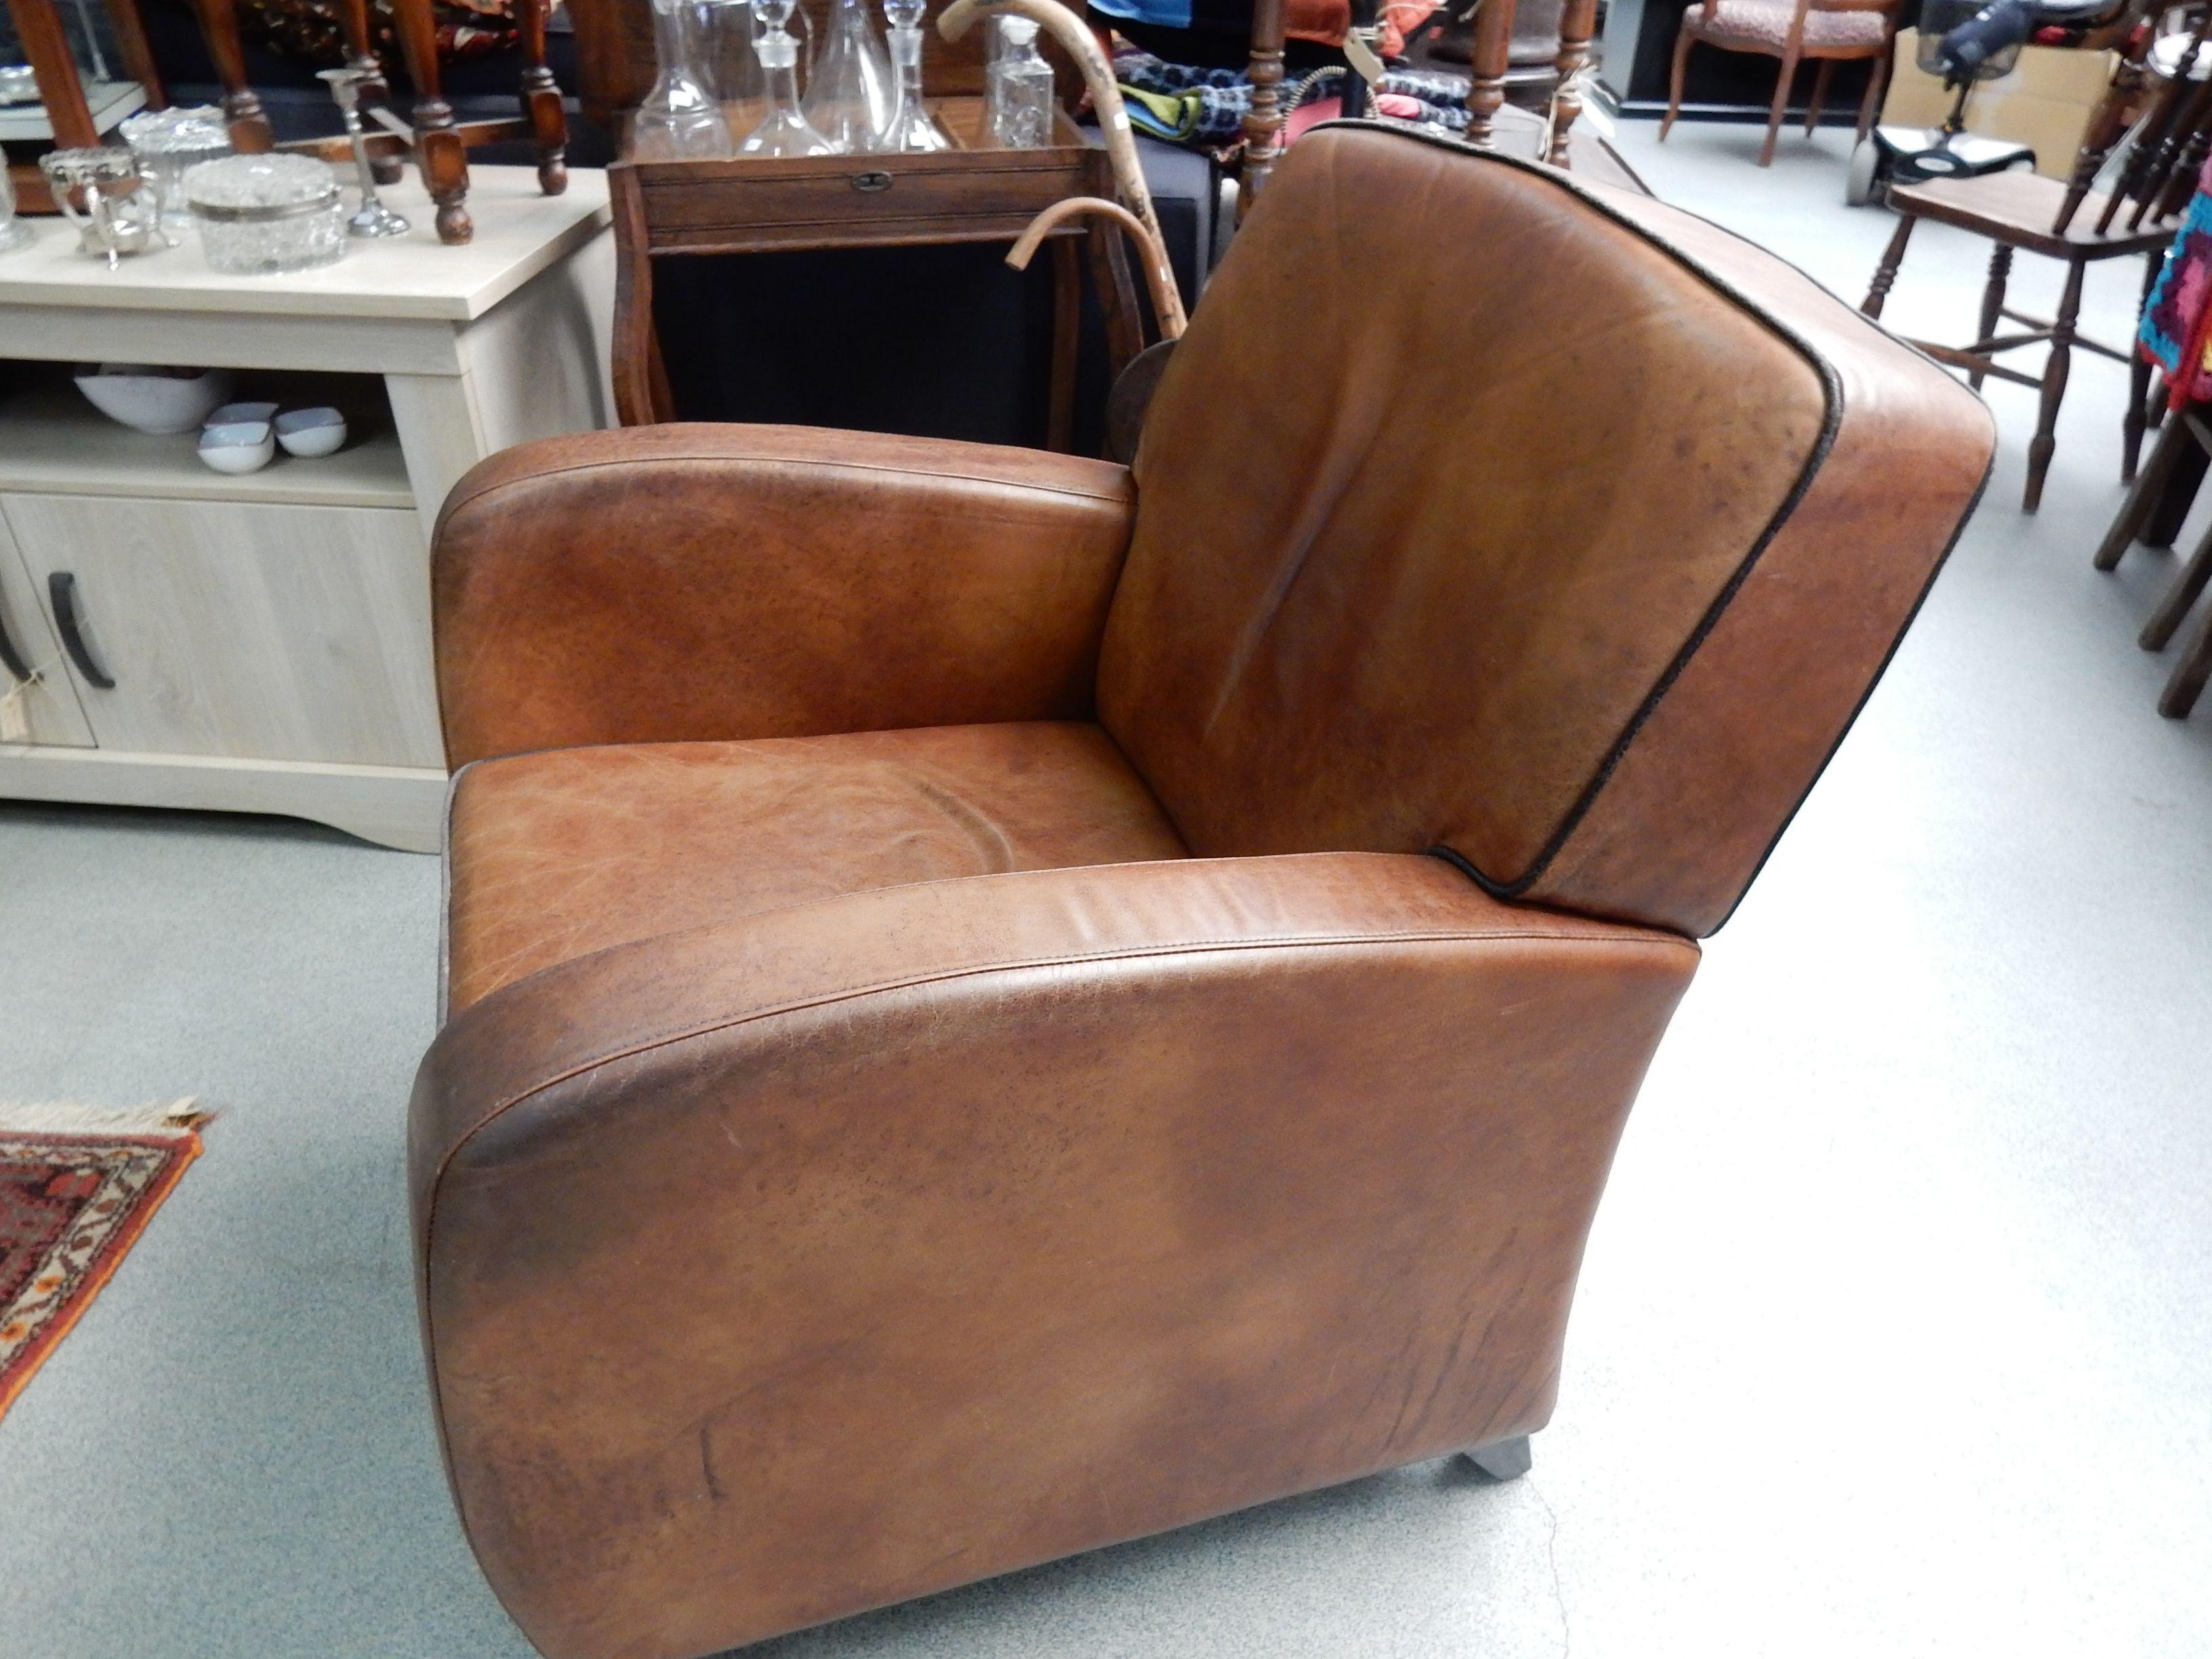 Stoer doorleefde bruin lederen fauteuil mooi voor een ruimte met